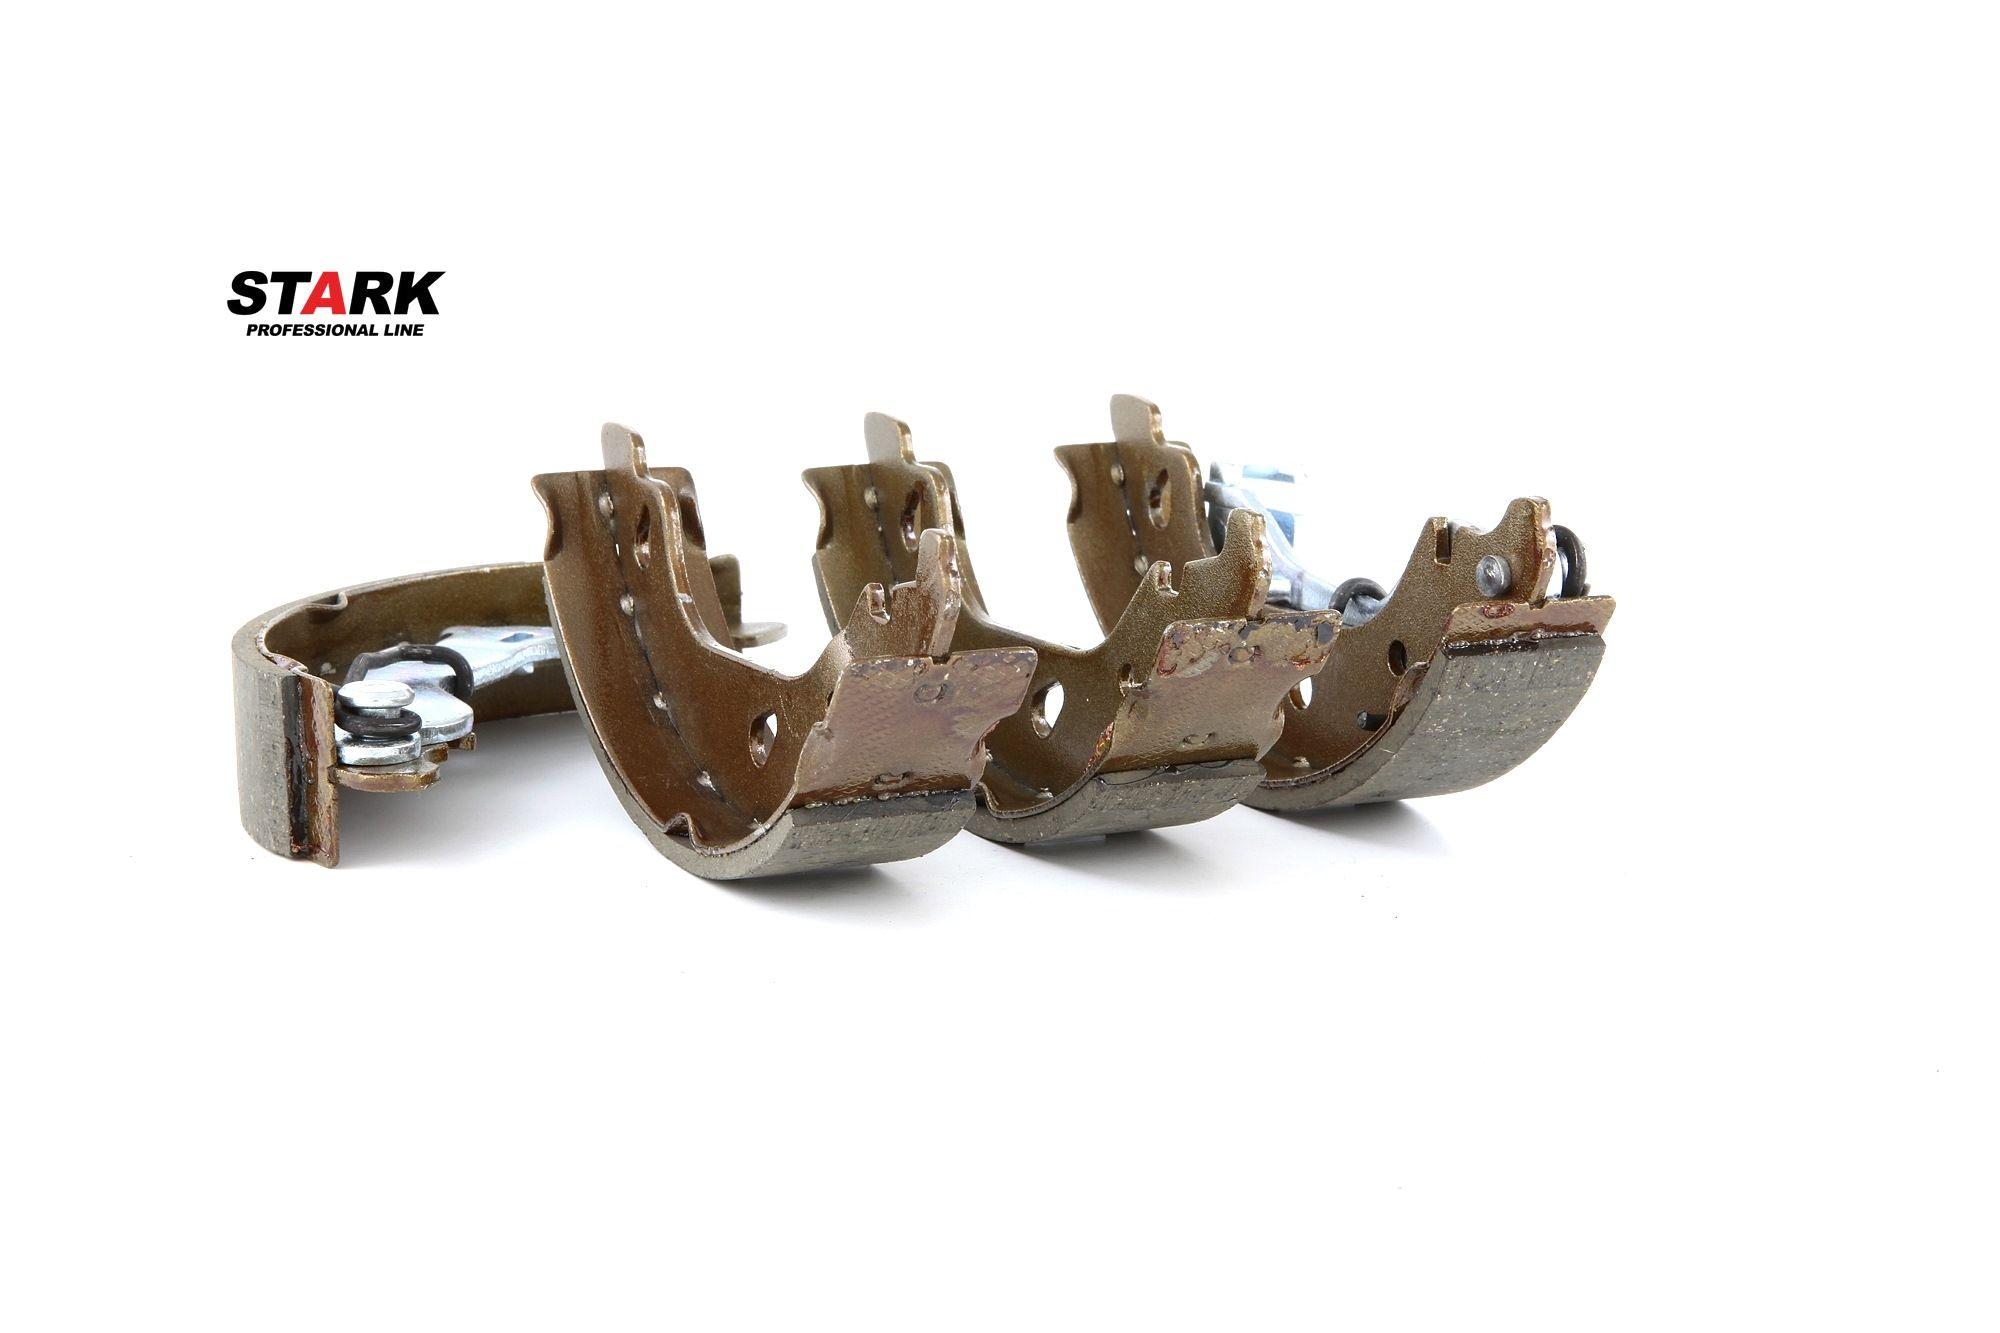 OE Original Bremsbackensatz für Trommelbremse SKBS-0450072 STARK